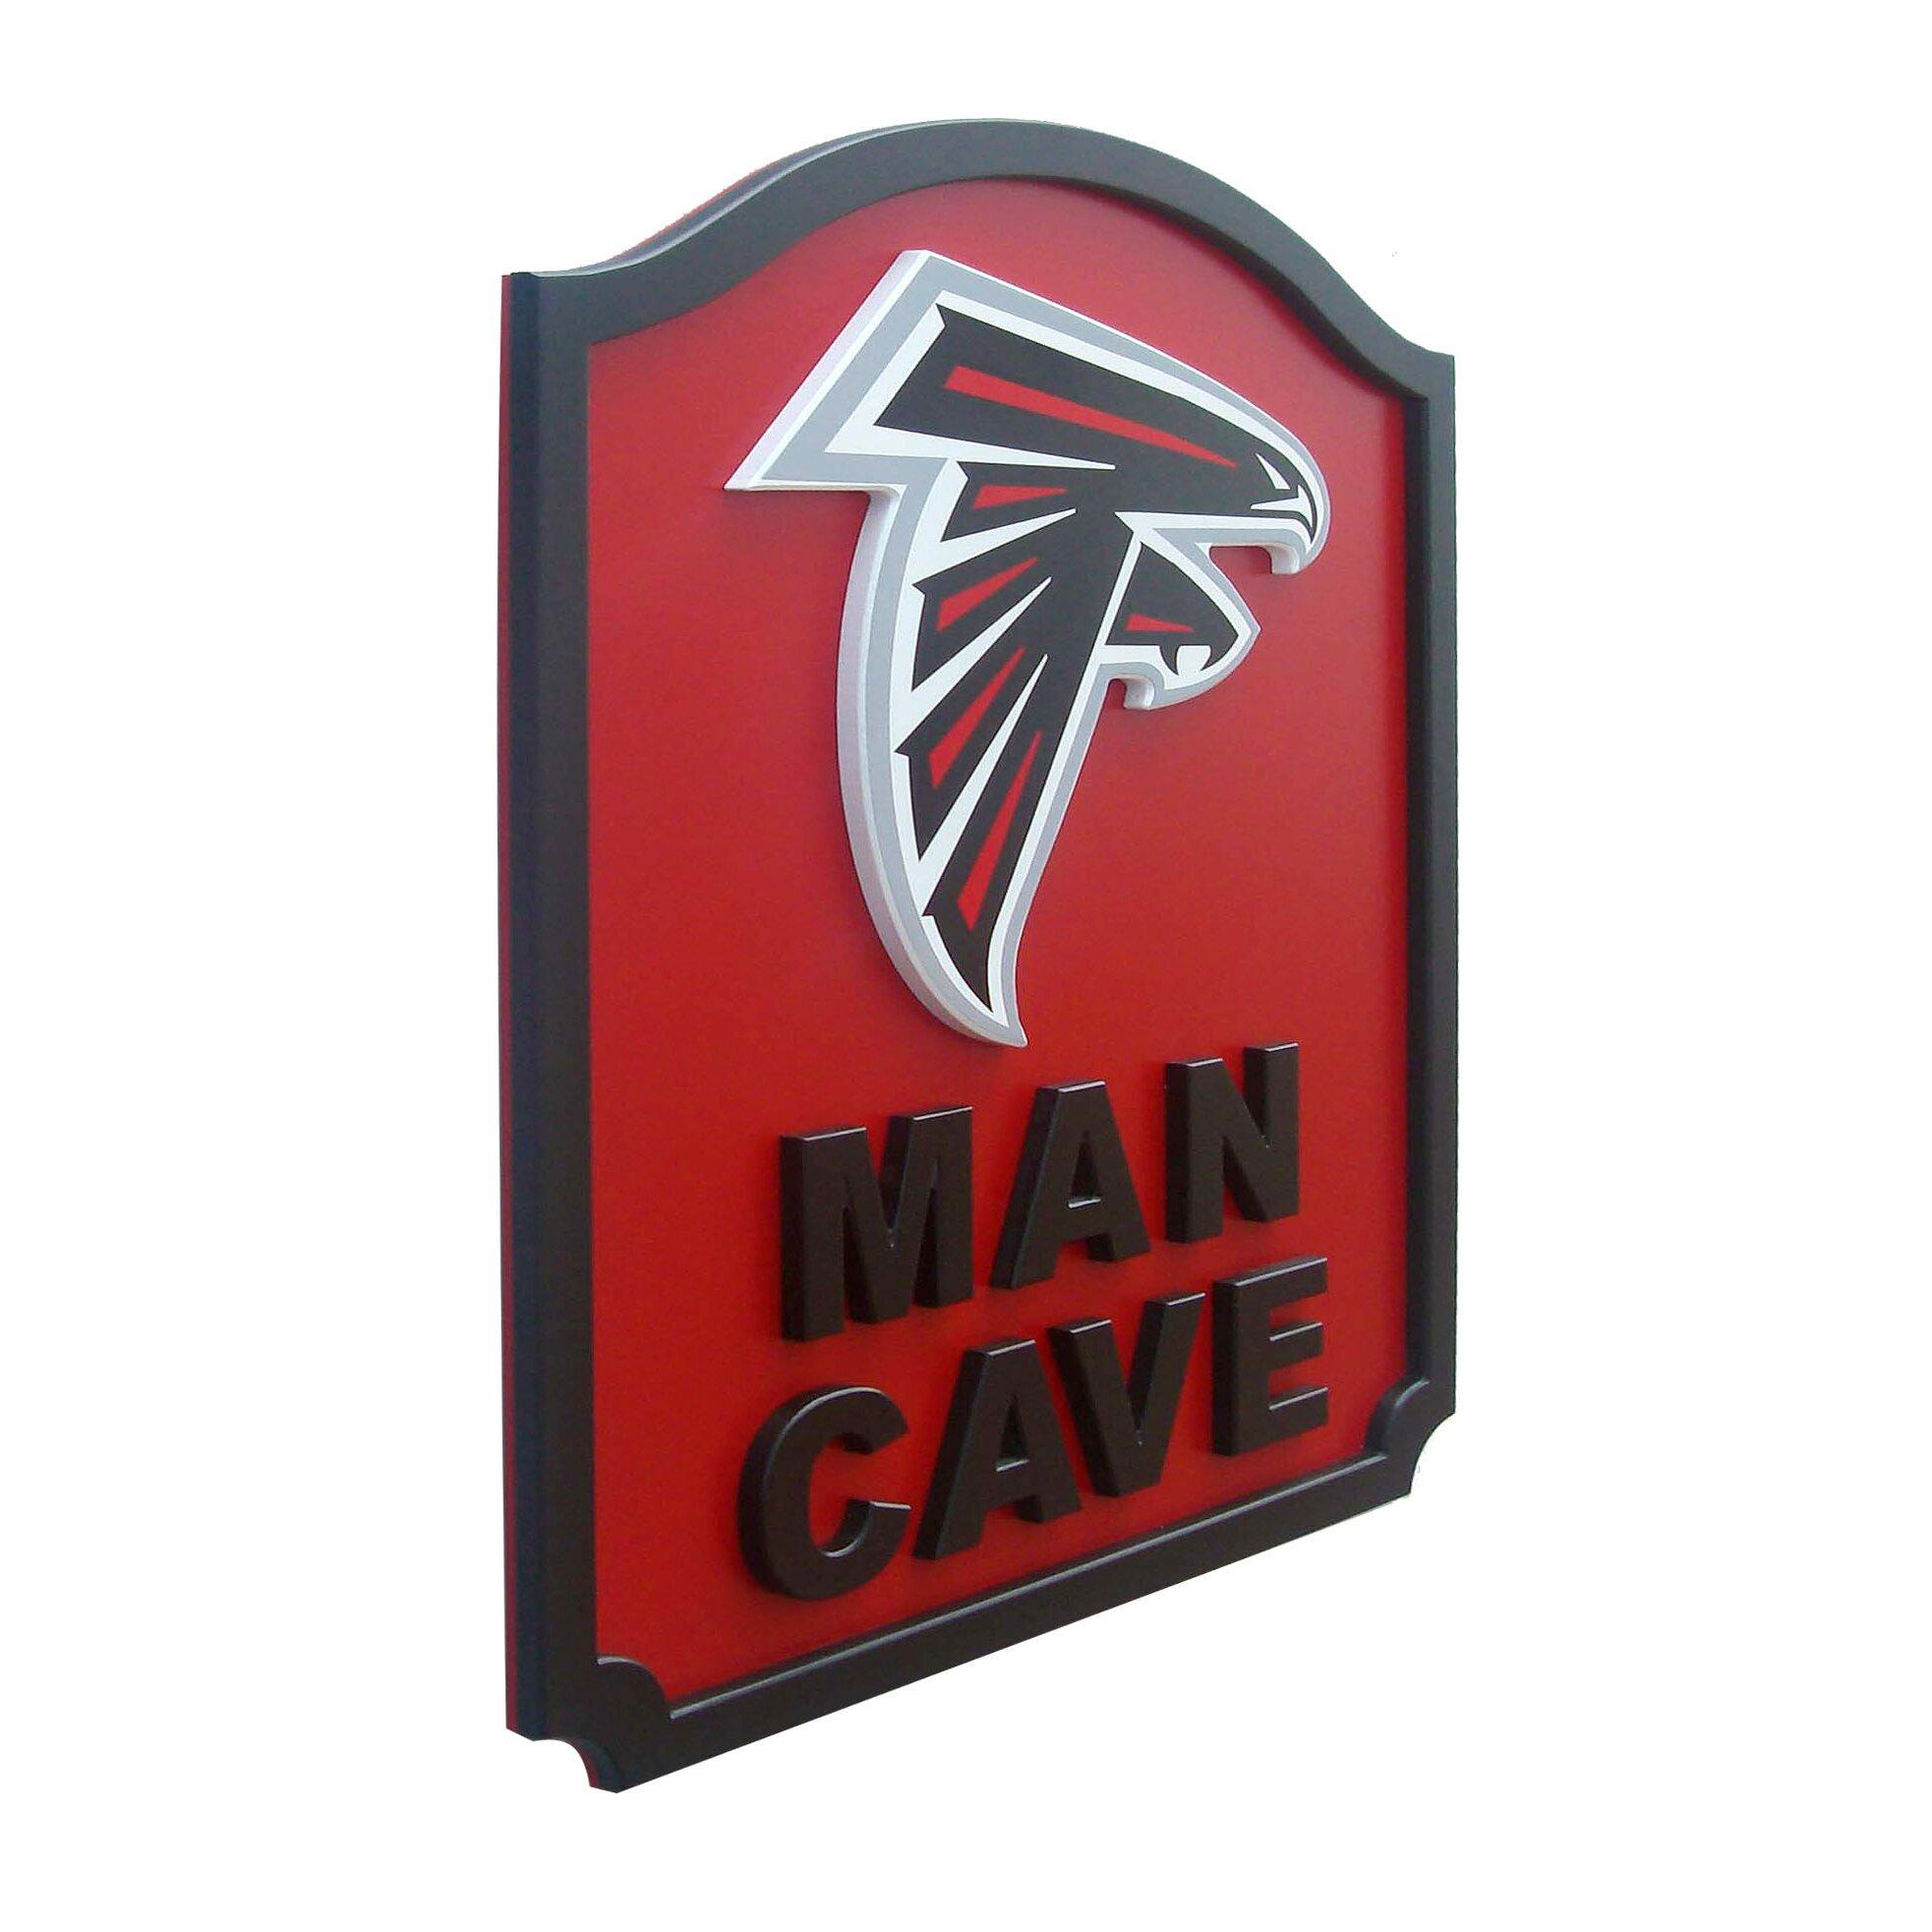 Nfl Man Cave Shield Textual Art Plaque Wayfair